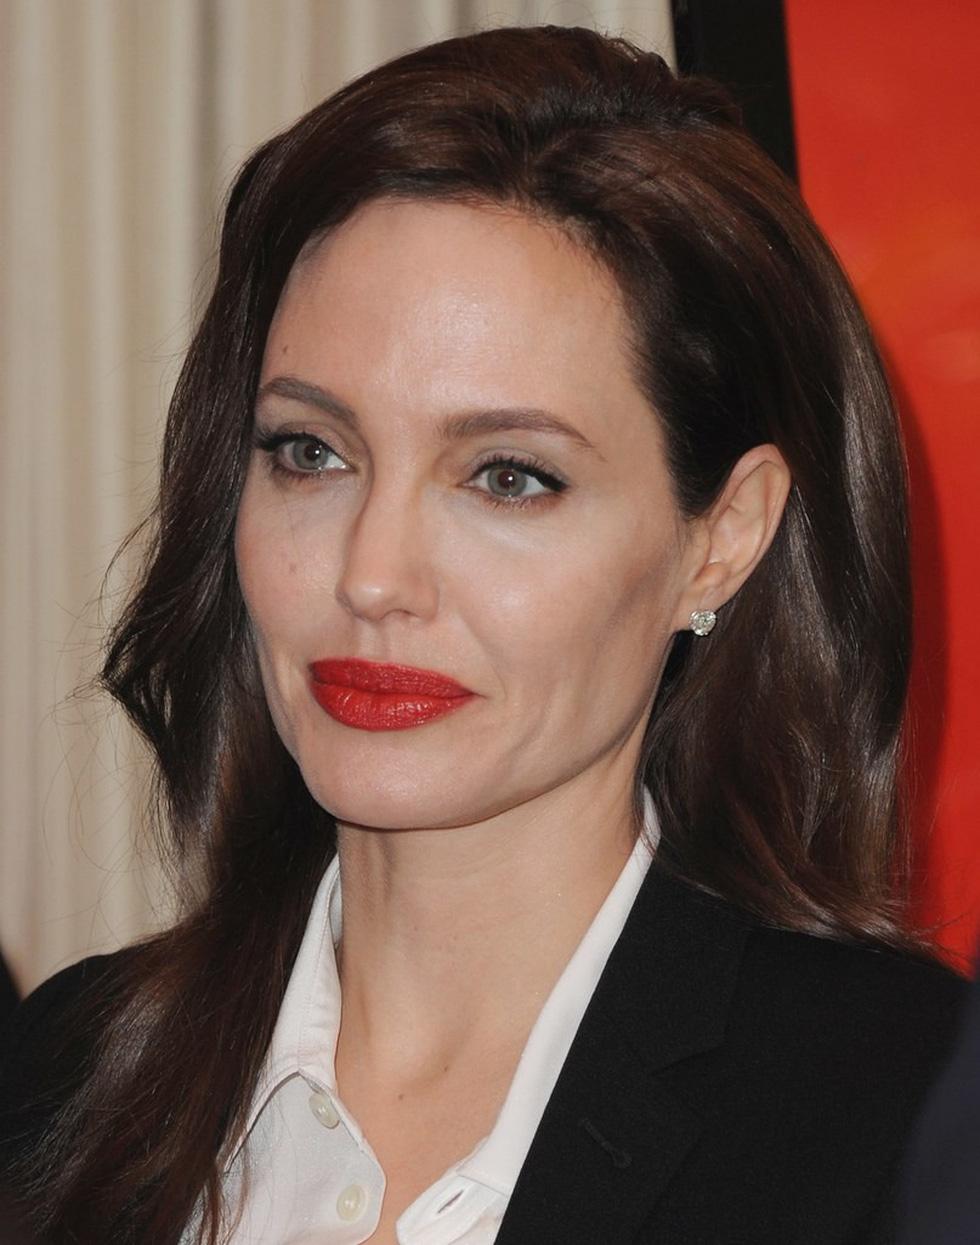 Brad Pitt và Angelina Jolie: 12 năm hội ngộ rồi chia ly... - Ảnh 22.